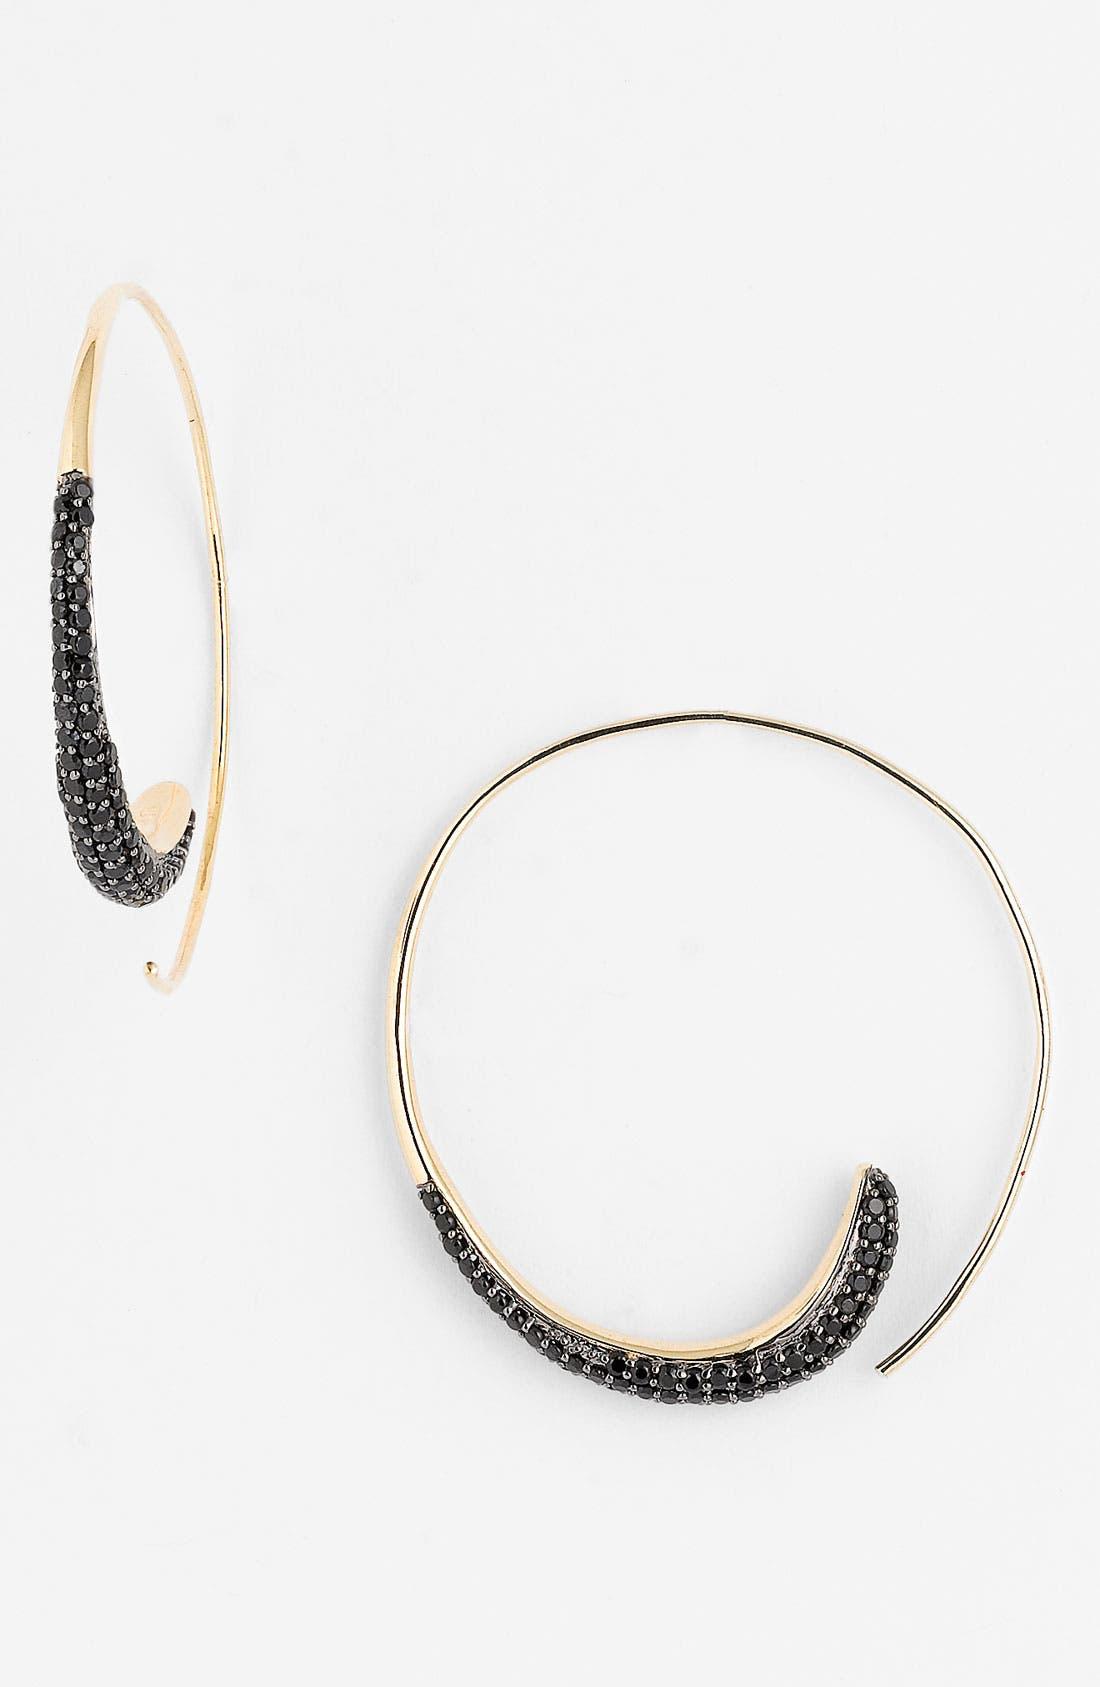 Main Image - Tom Binns 'Bejewelled' Swirl Hoop Earrings